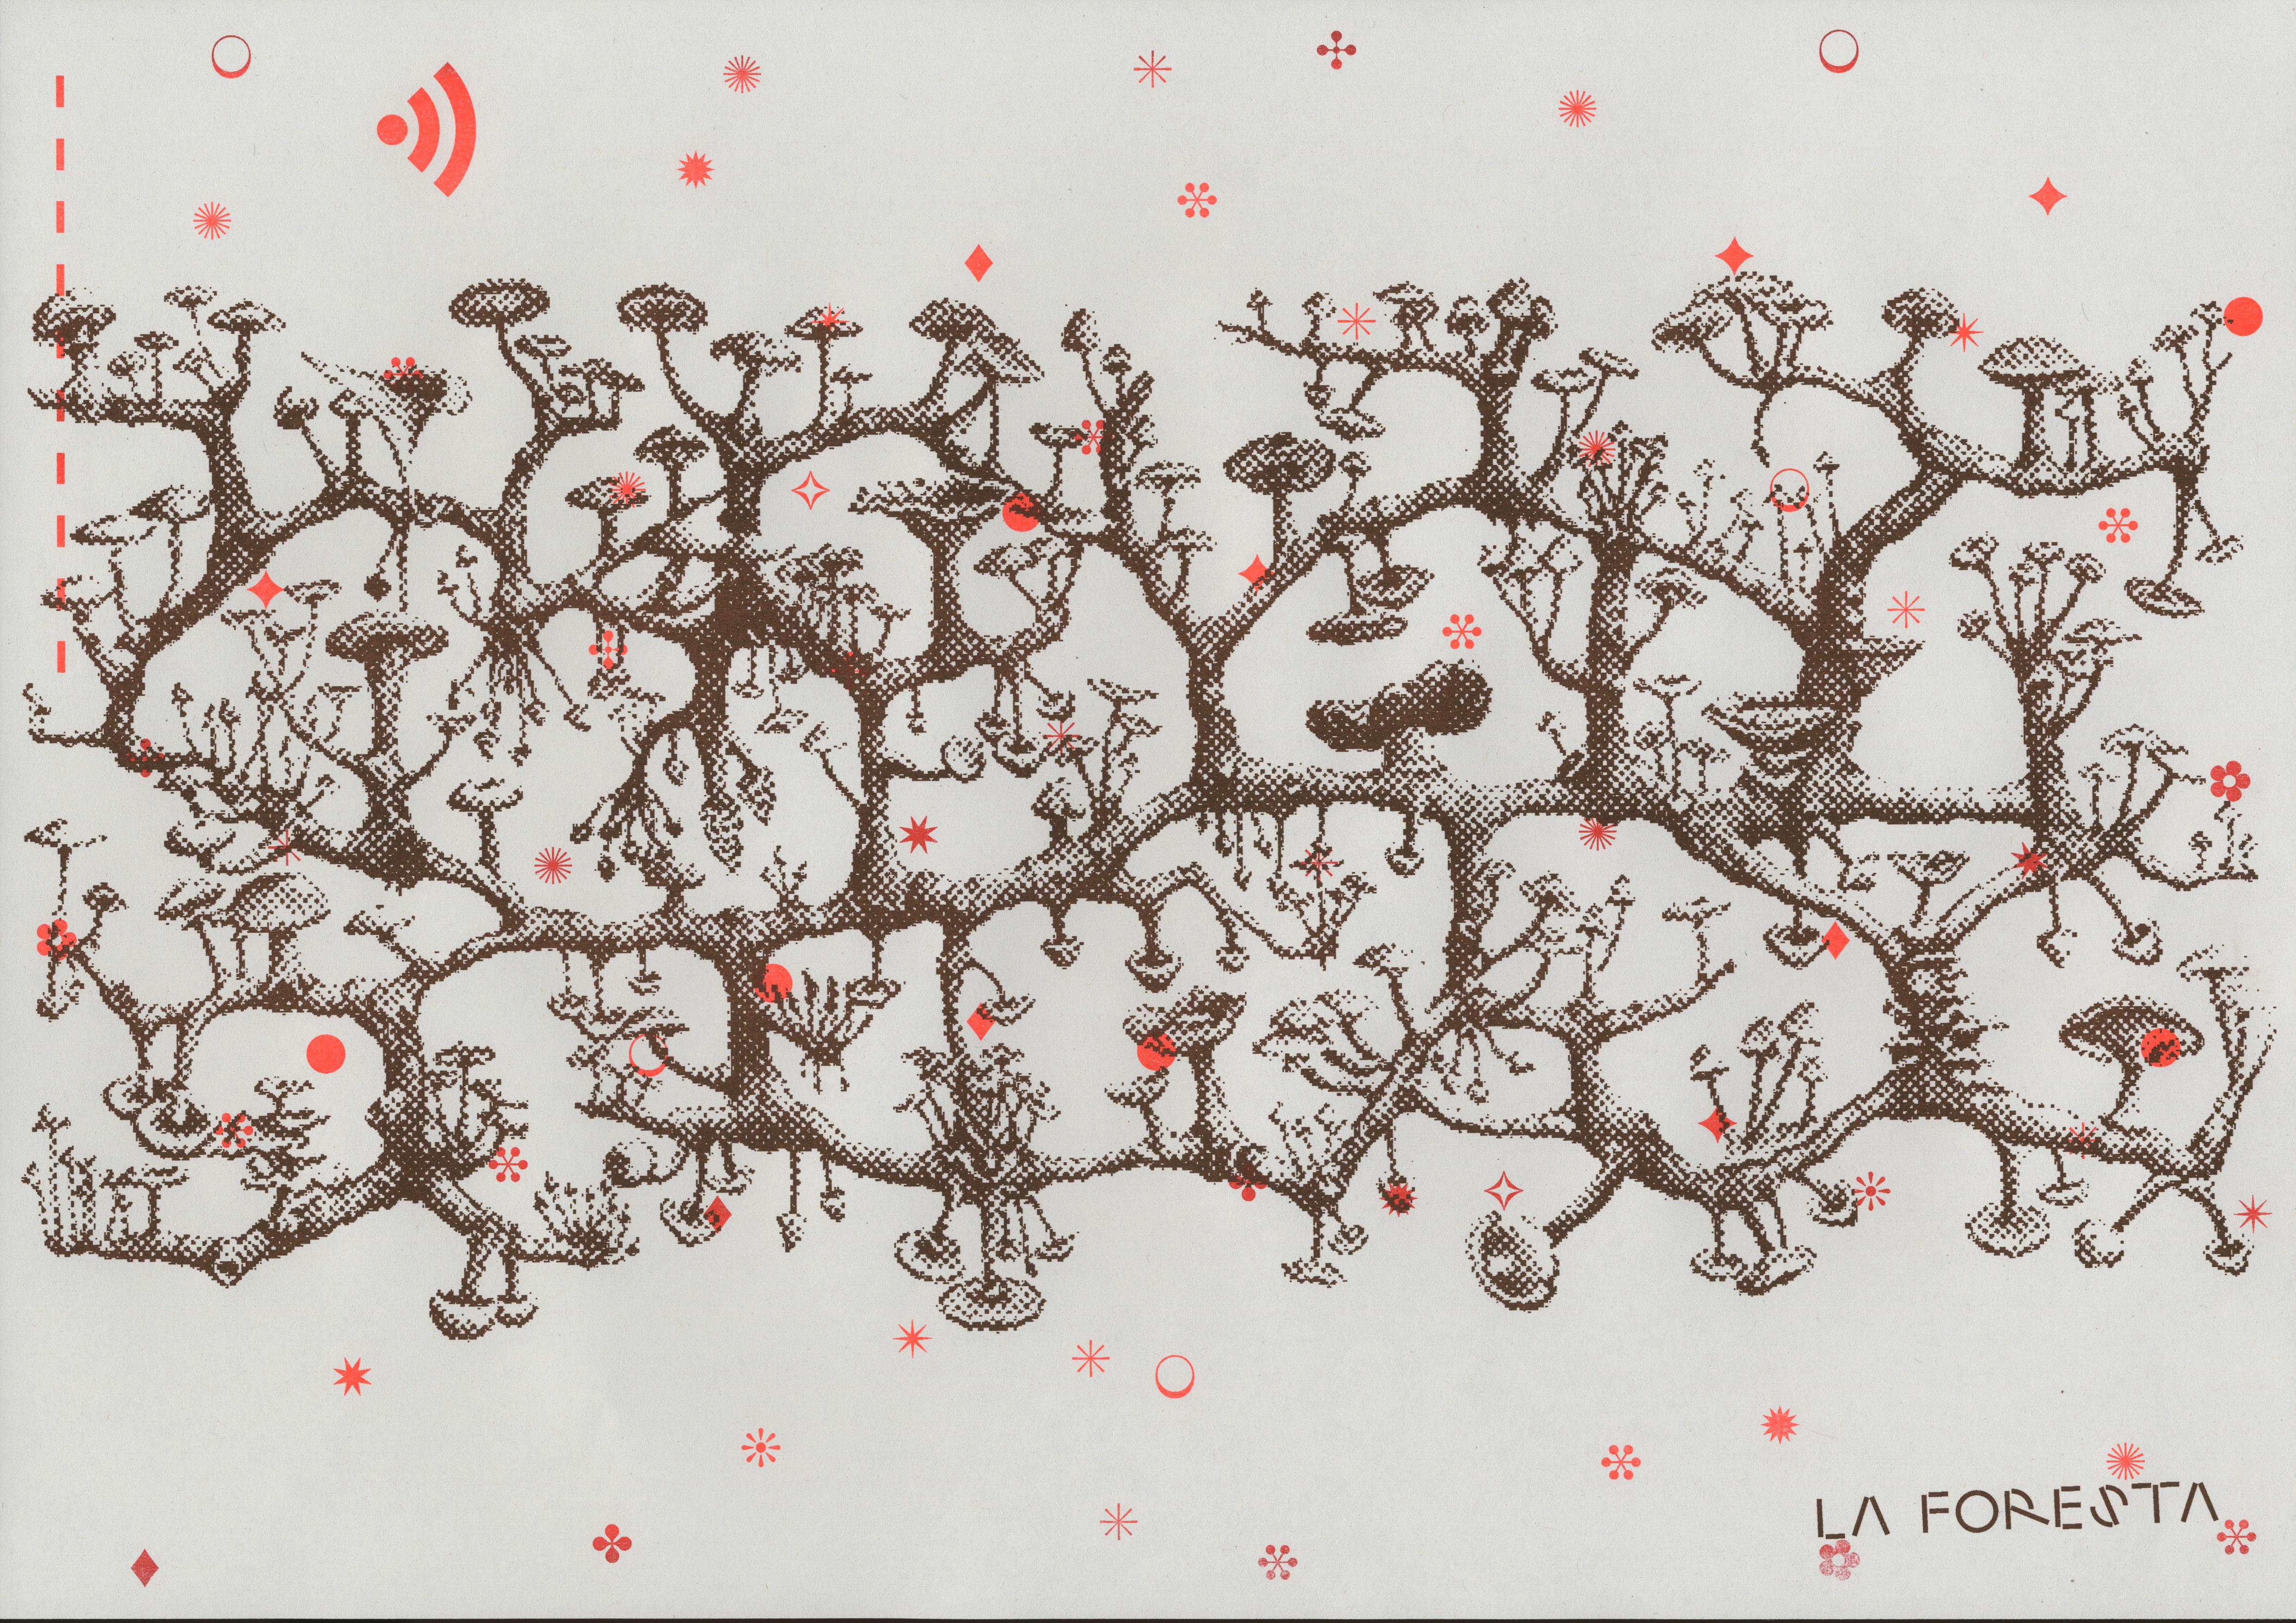 La Foresta rhizome